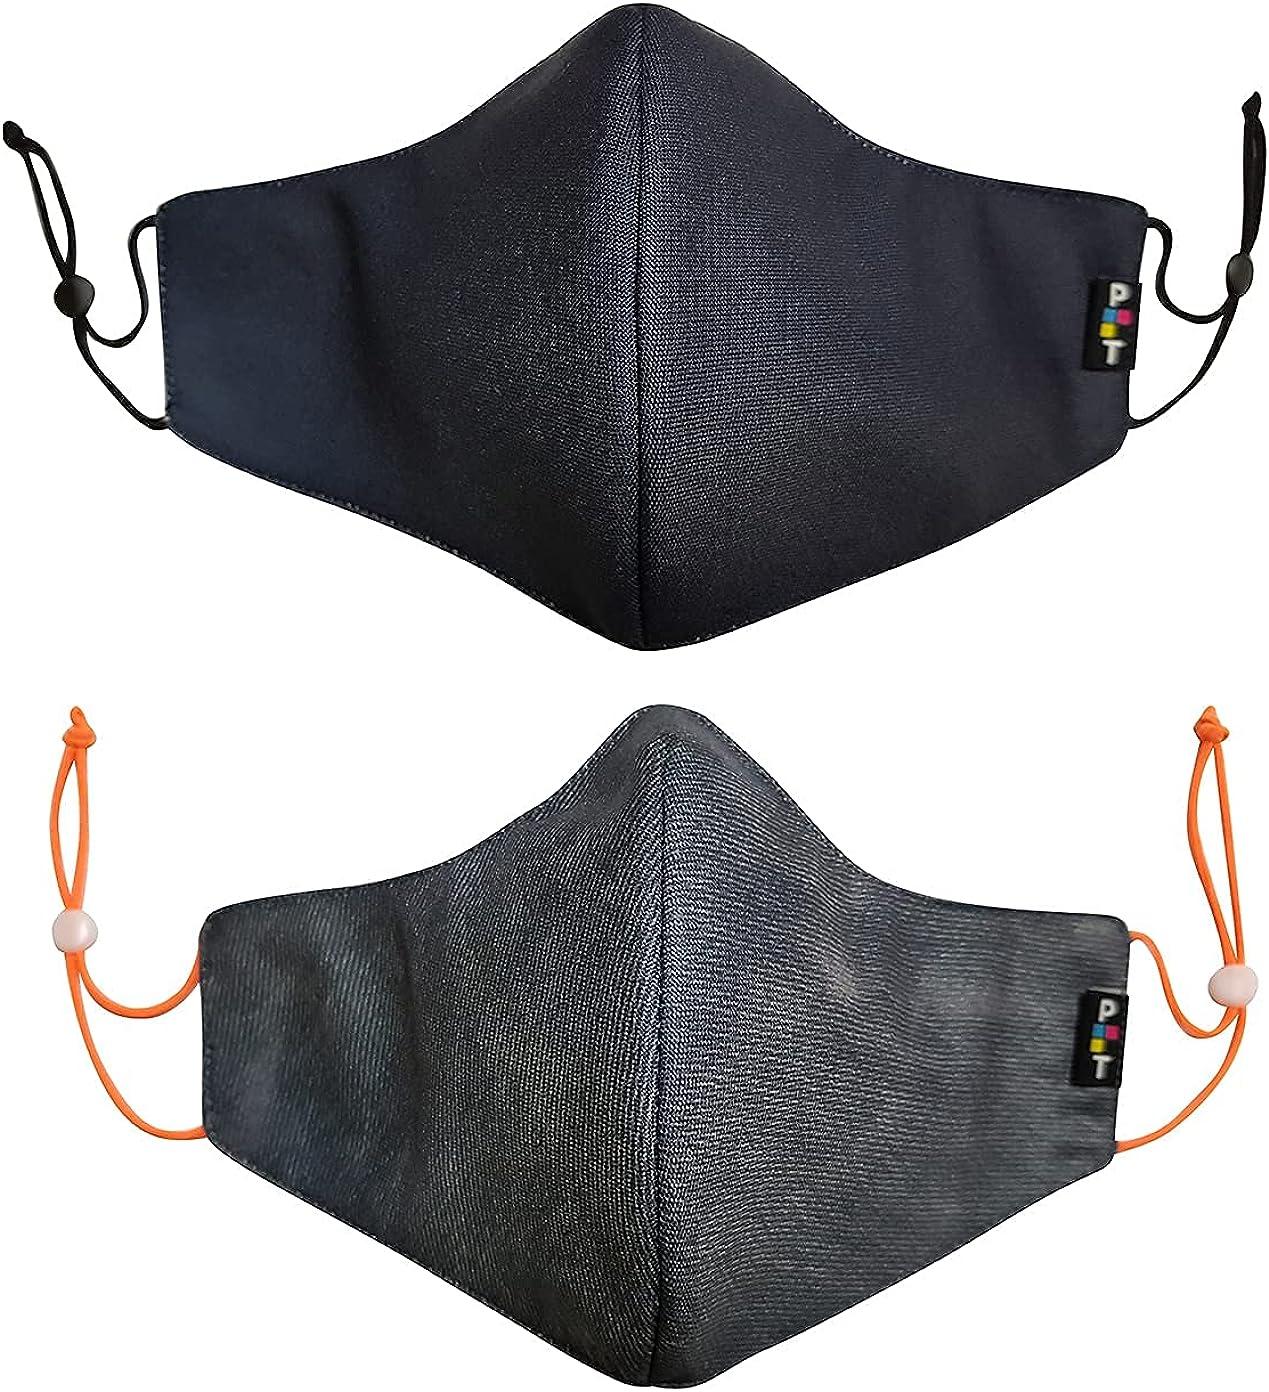 PRINT TODAY Pack 2 Mascarillas de Tela Reutilizables y homologadas Medida: 29,00 cm x 15,50 cm (Talla L) | Regalo 10 mascarillas